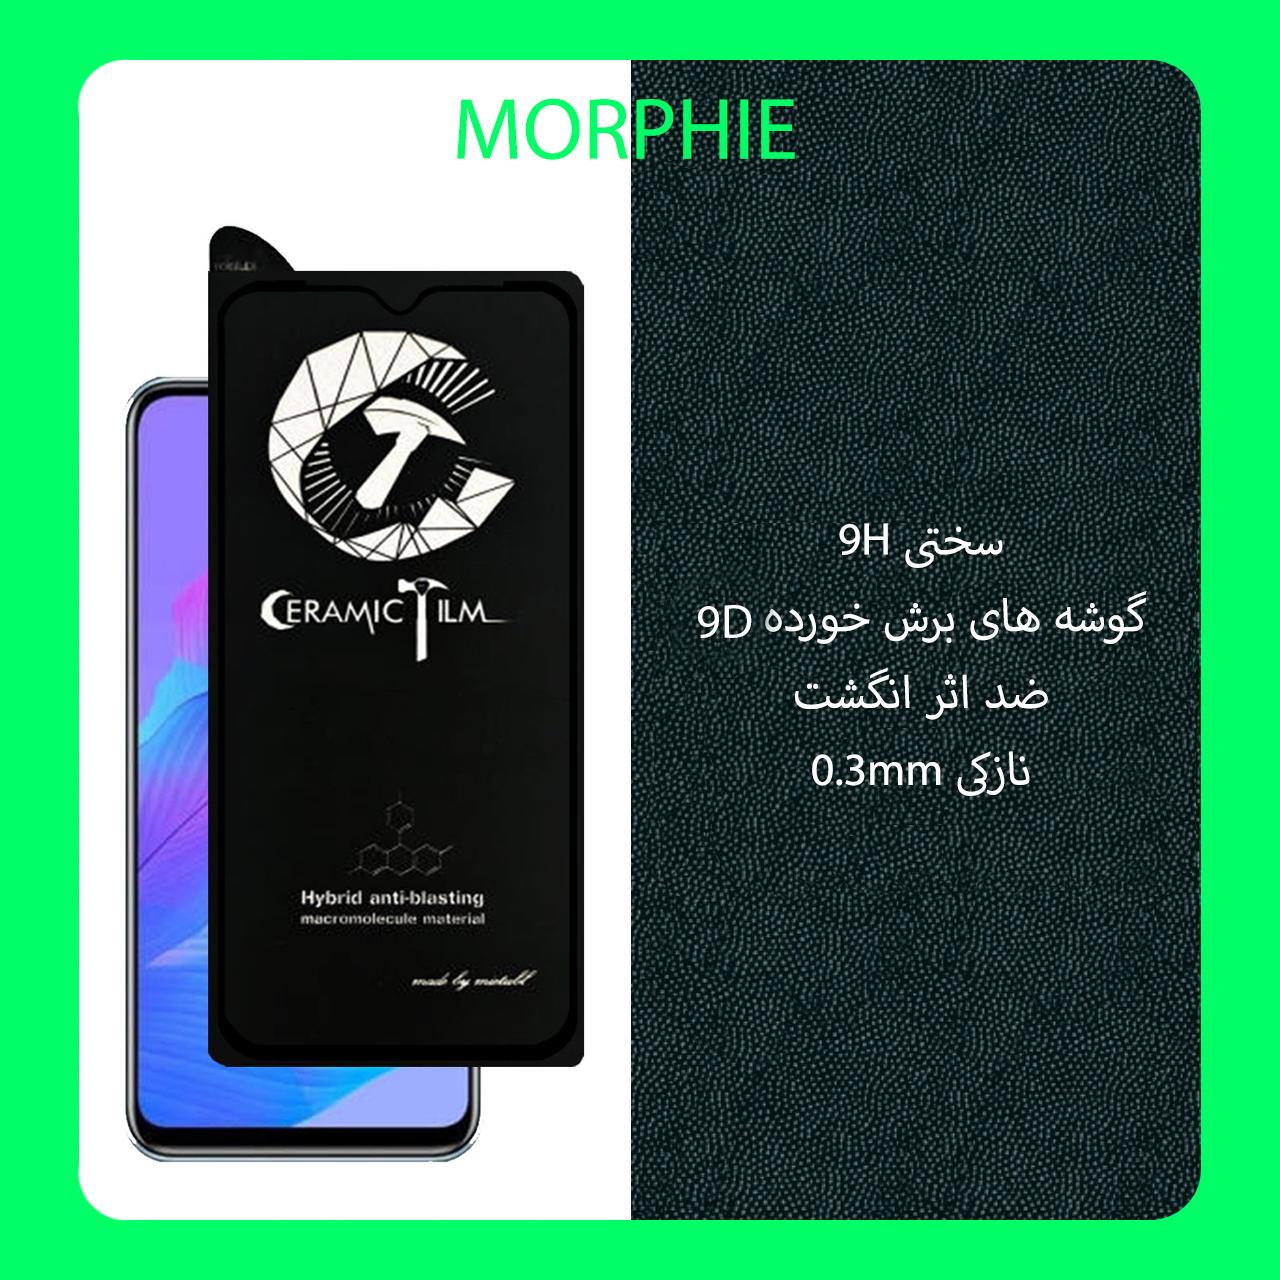 محافظ صفحه نمایش سرامیکی مورفی مدل MEIC_2 مناسب برای گوشی موبایل هوآوی Y8P بسته 2 عددی